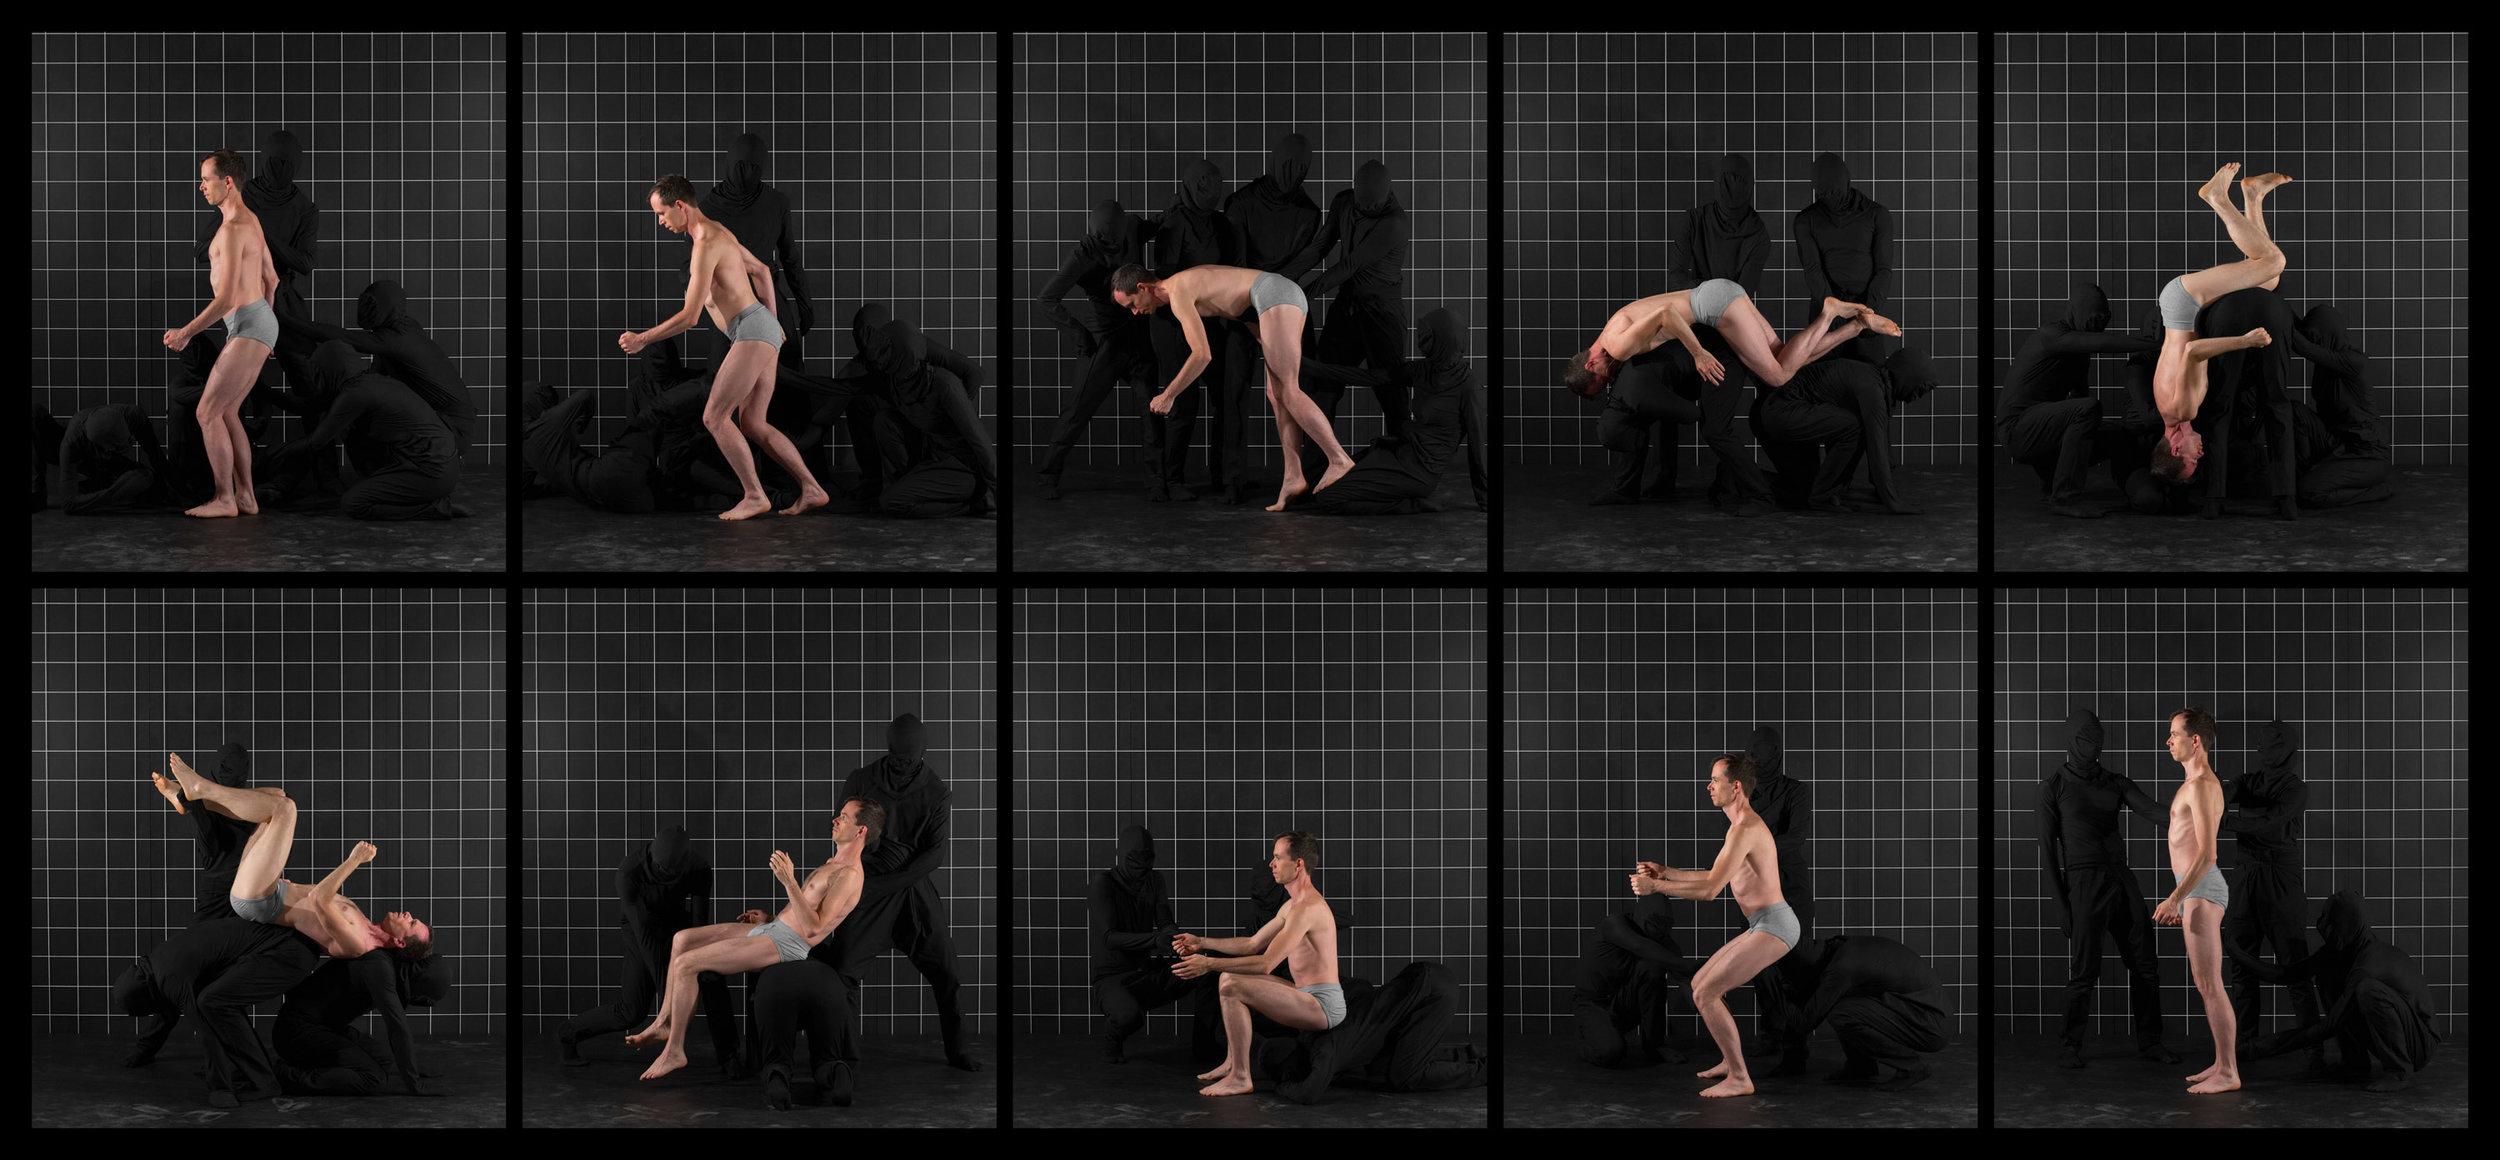 """After Muybridge (Front Flip 2)  2016, archival pigment print 46.5 x 100.5 cm (18.25"""" x 39.5"""")  93 x 199.5 cm (36.5"""" x 78.5"""") Editions of 2"""